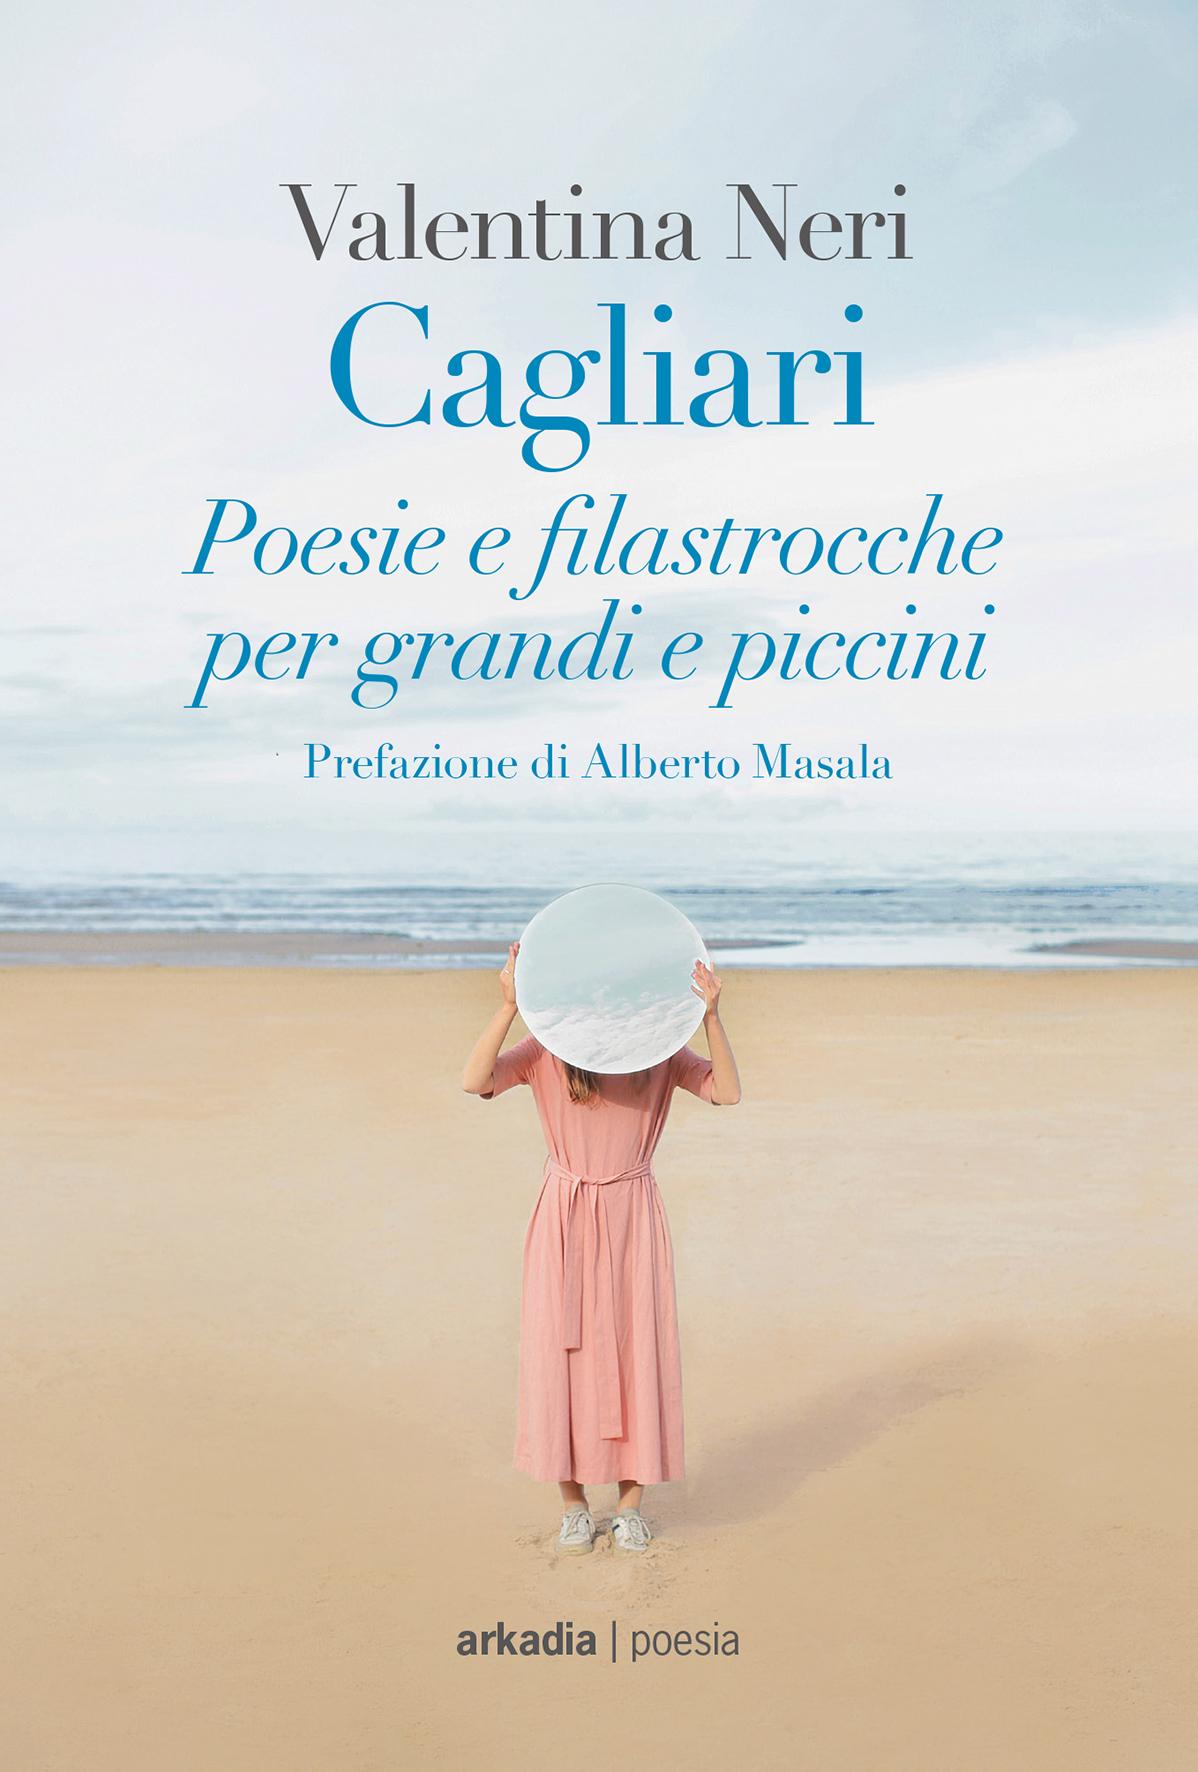 Cagliari-poesie-e-filastrocche_.jpg